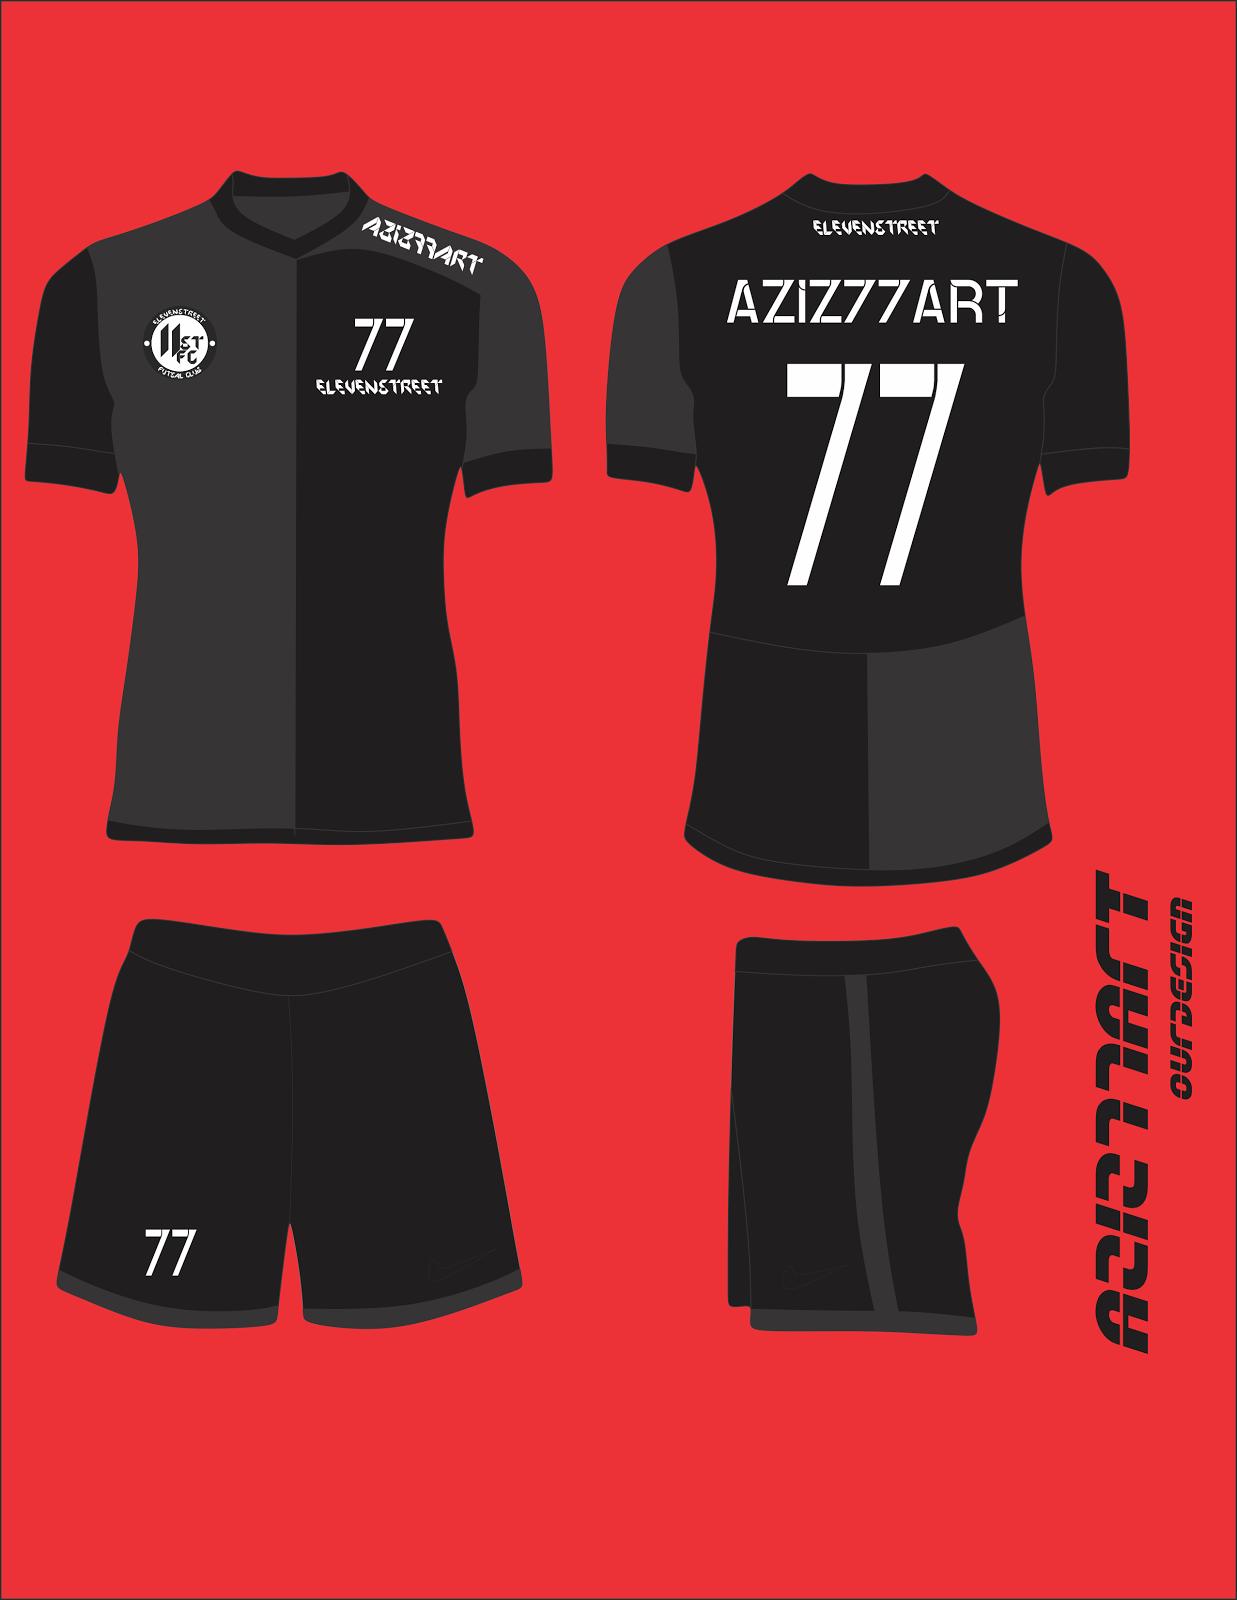 Desain Jersey Futsal Corel : desain, jersey, futsal, corel, Desain, Futsal, Klopdesain